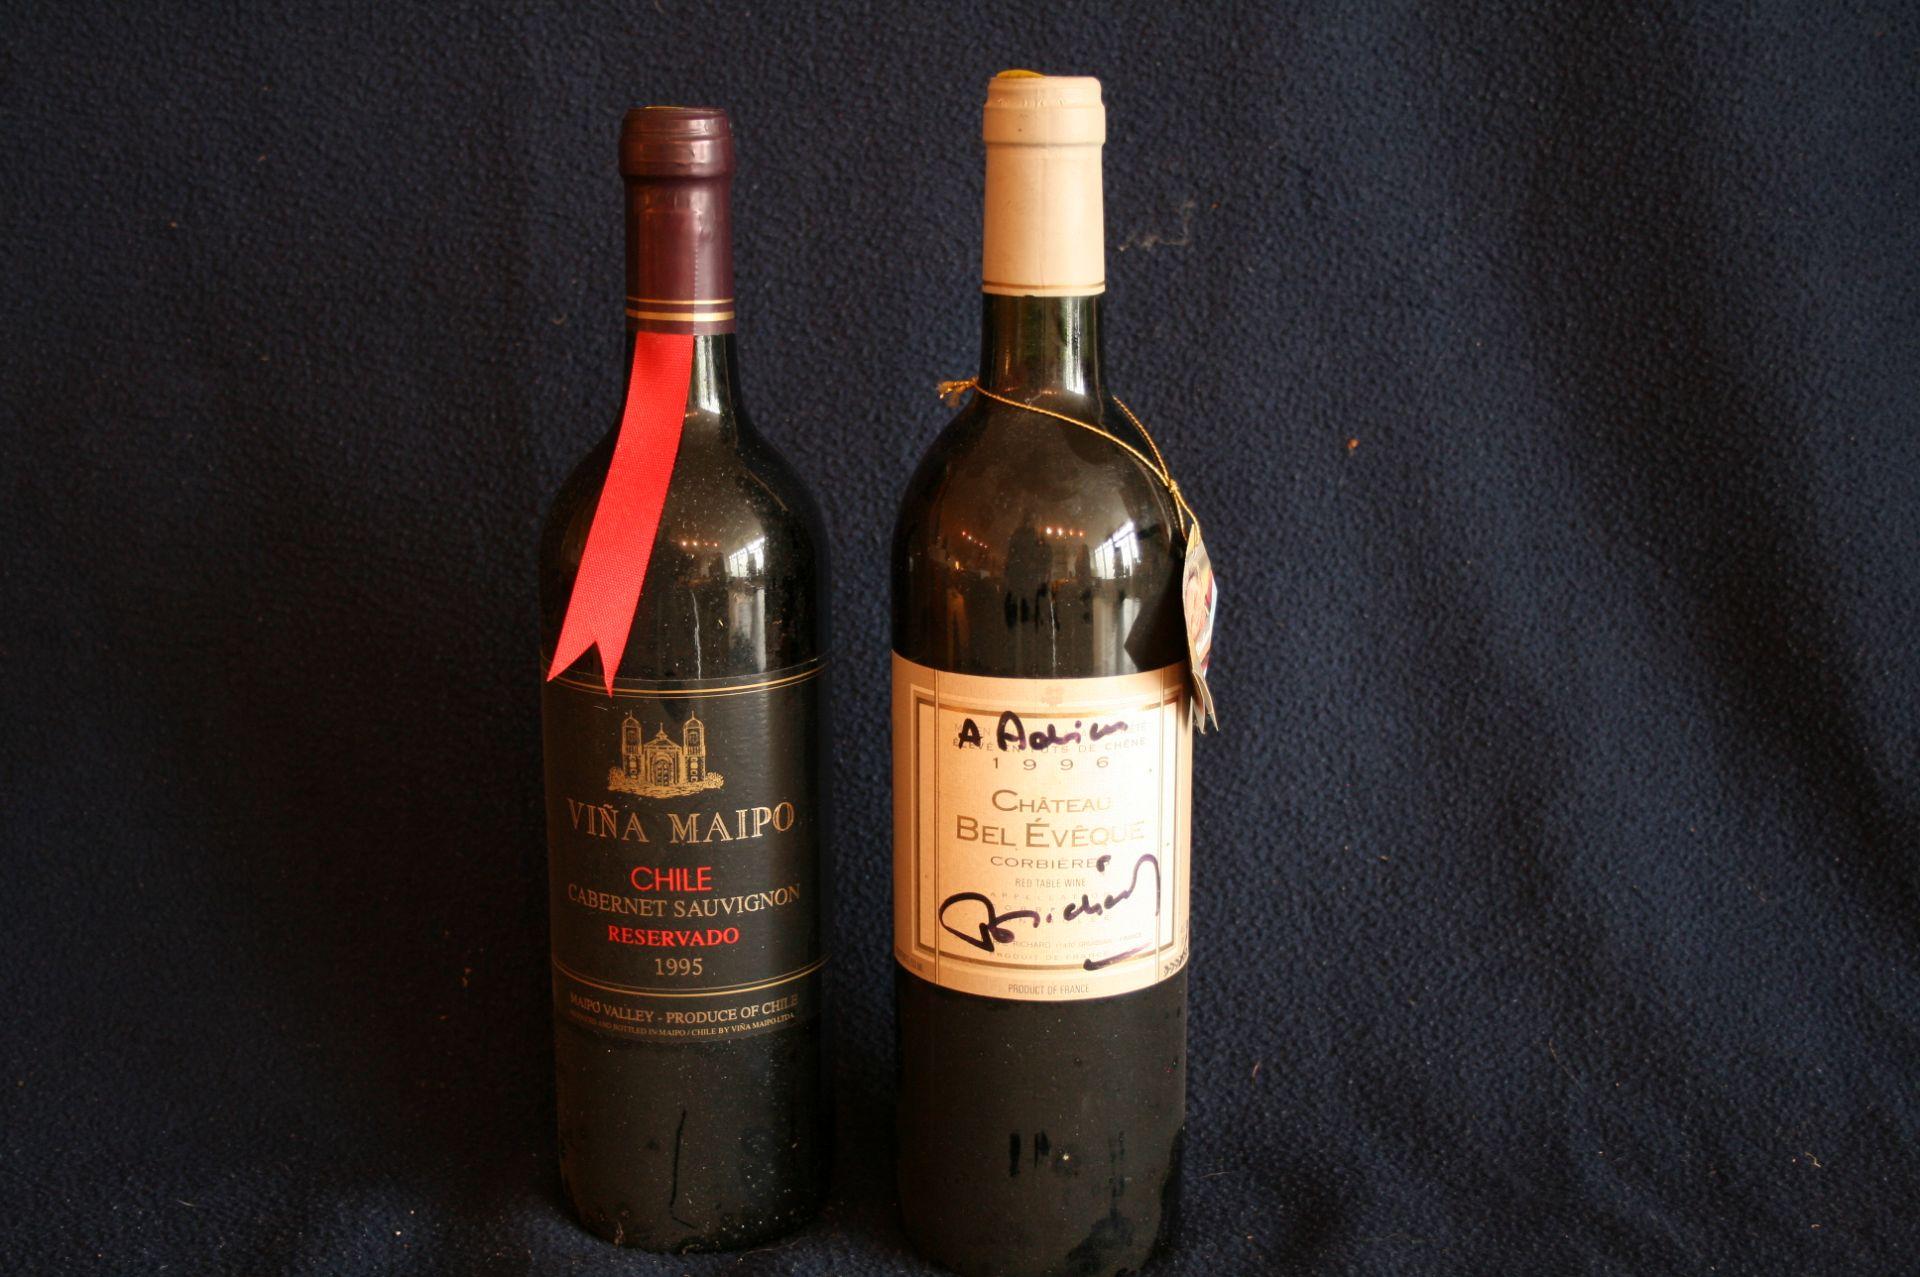 Los 32 - 1 bouteille de CORBIERES, Château BEL EVÊQUE, rouge, 1996 + Vina MAIPO, CHILE, [...]